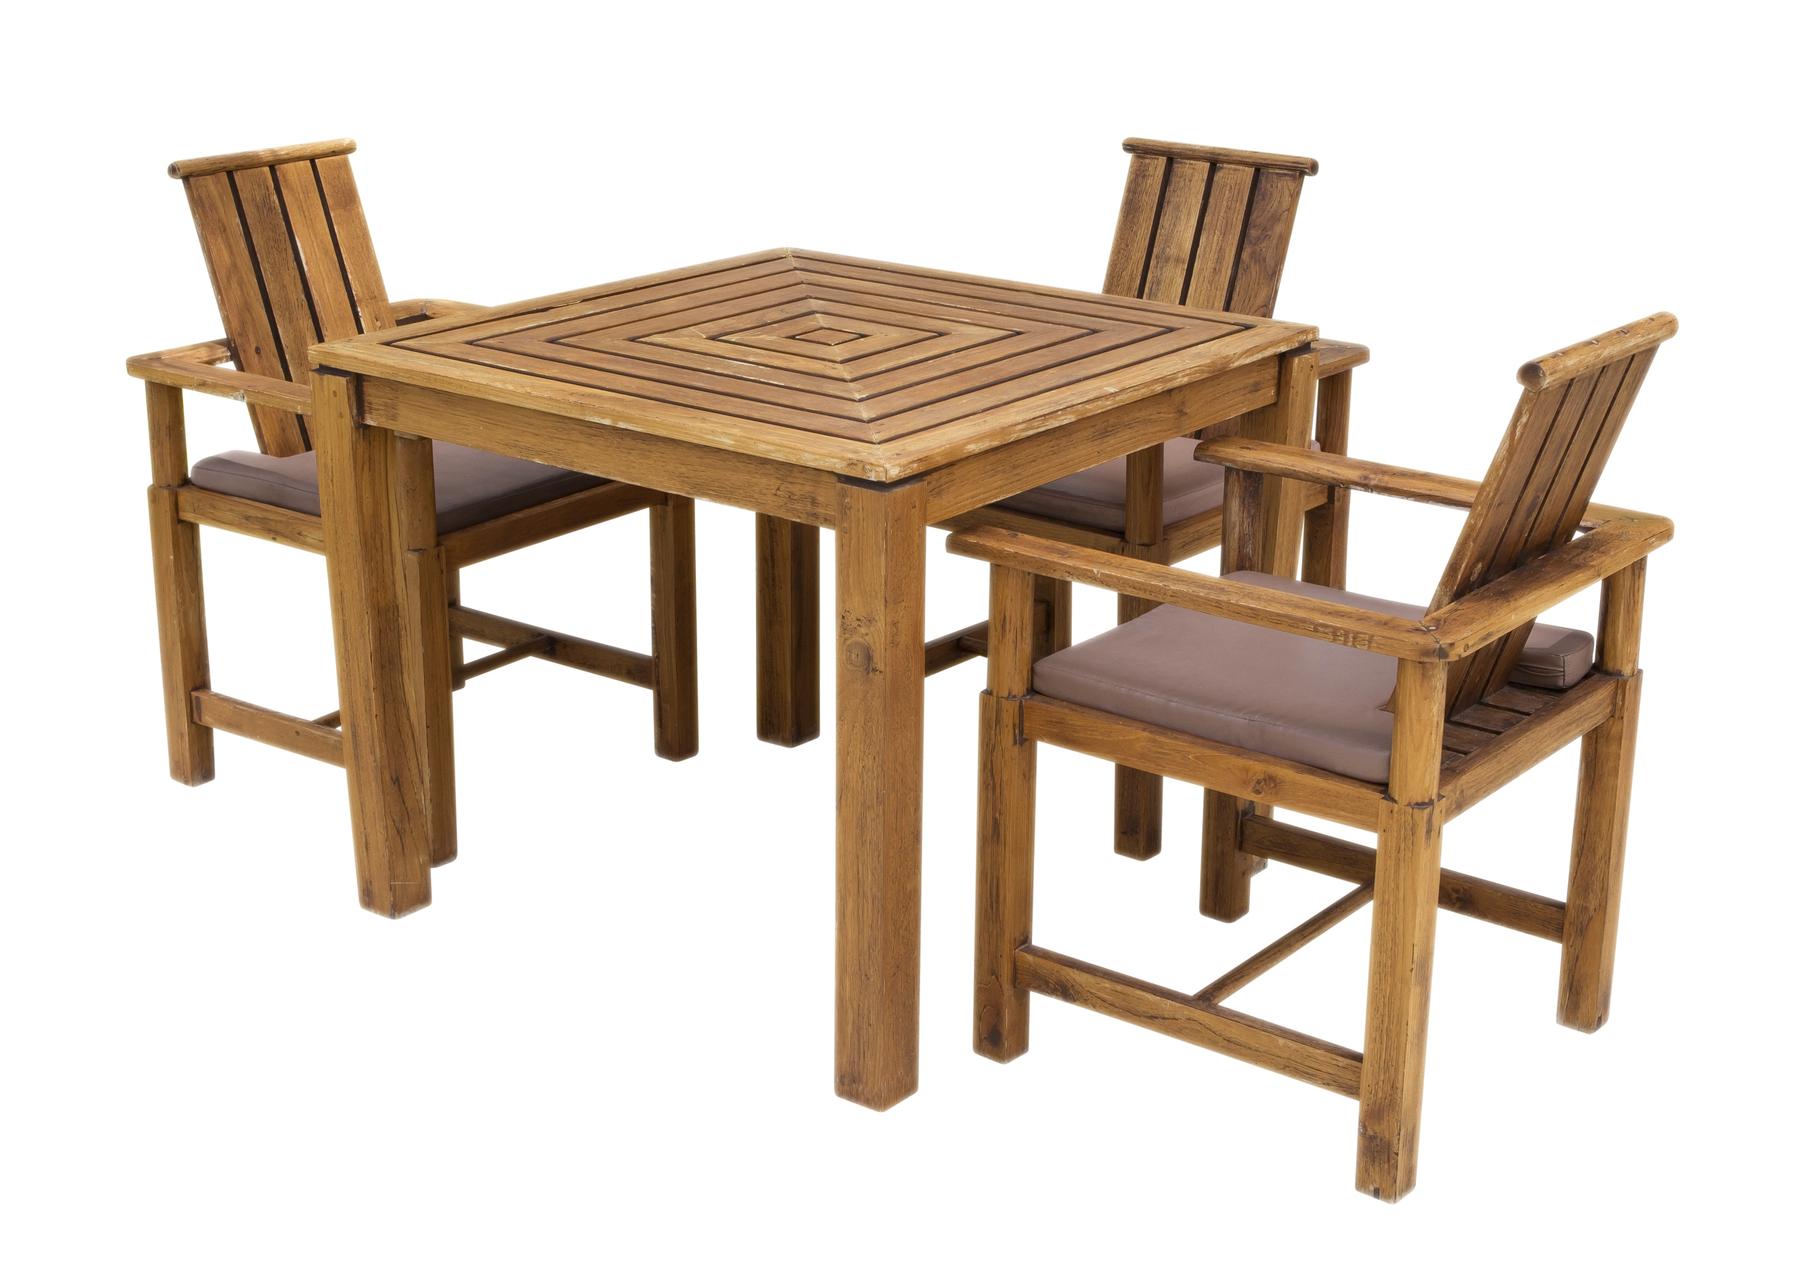 Muebles Madera Drdp Consejos Para Cuidar Los Muebles De Madera Exà Tica Vix